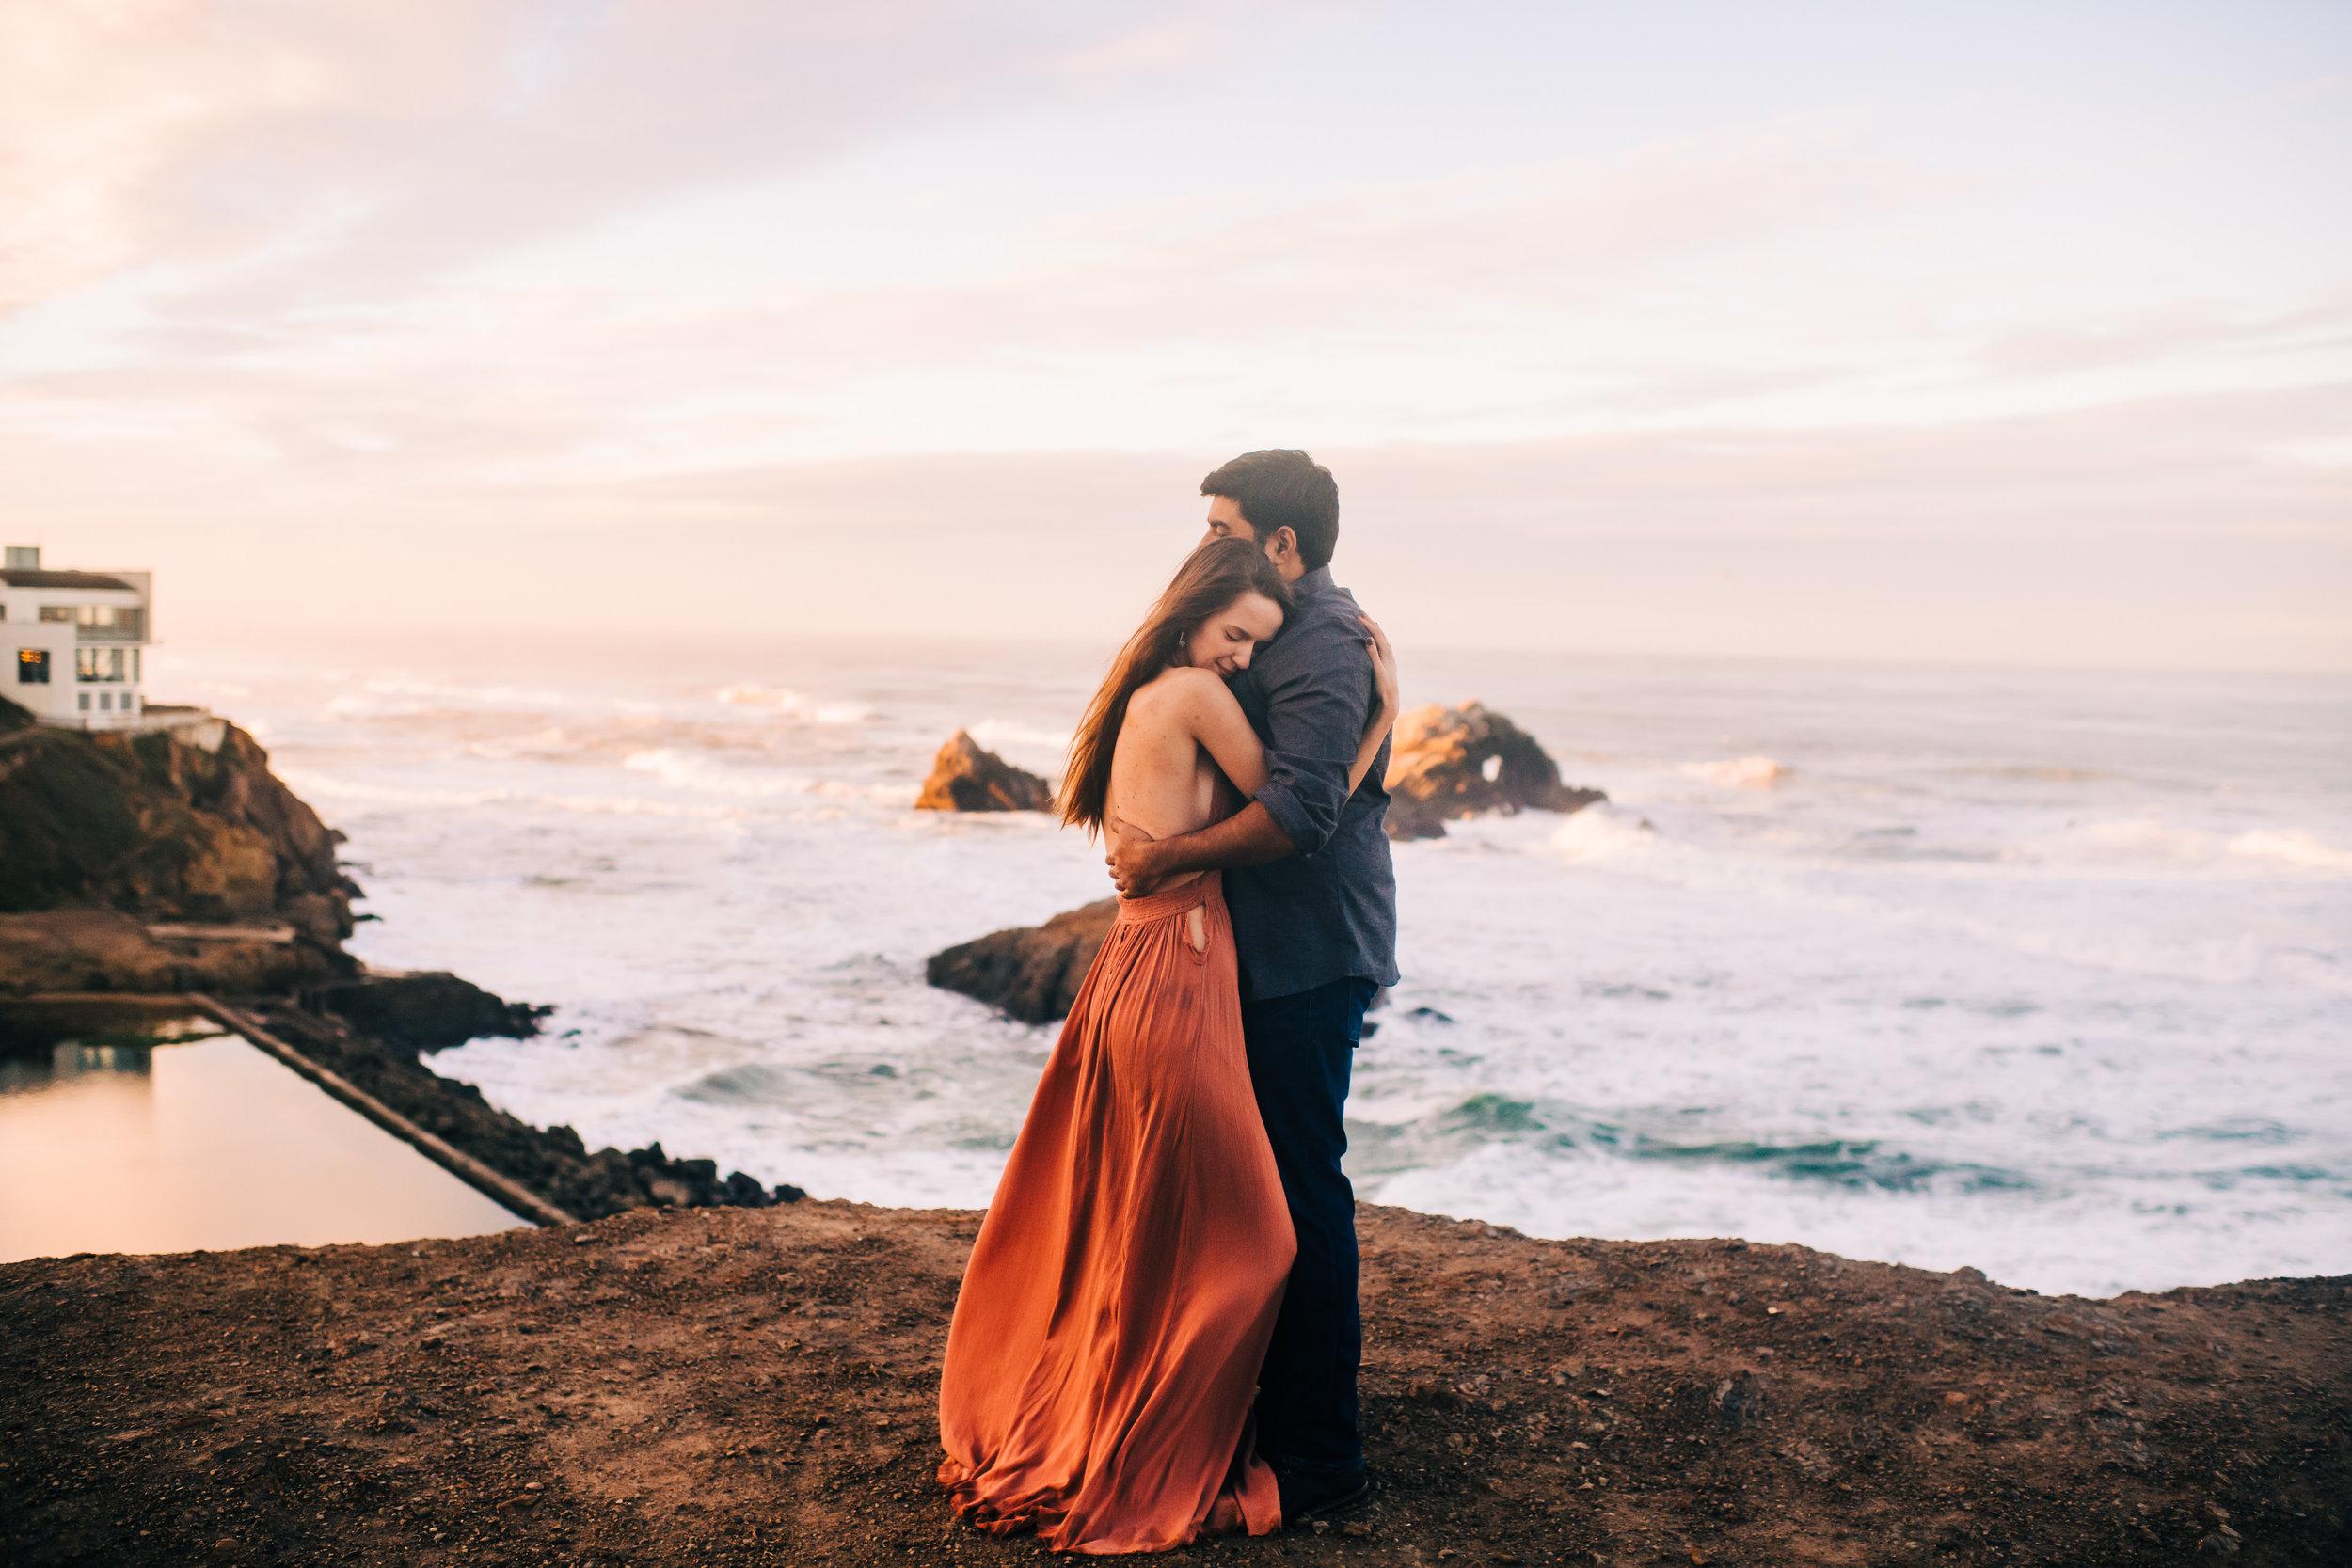 san francisco oakland bay area california sf yosemite sutro baths lands end sf  nontraditional wedding photographer -186.jpg